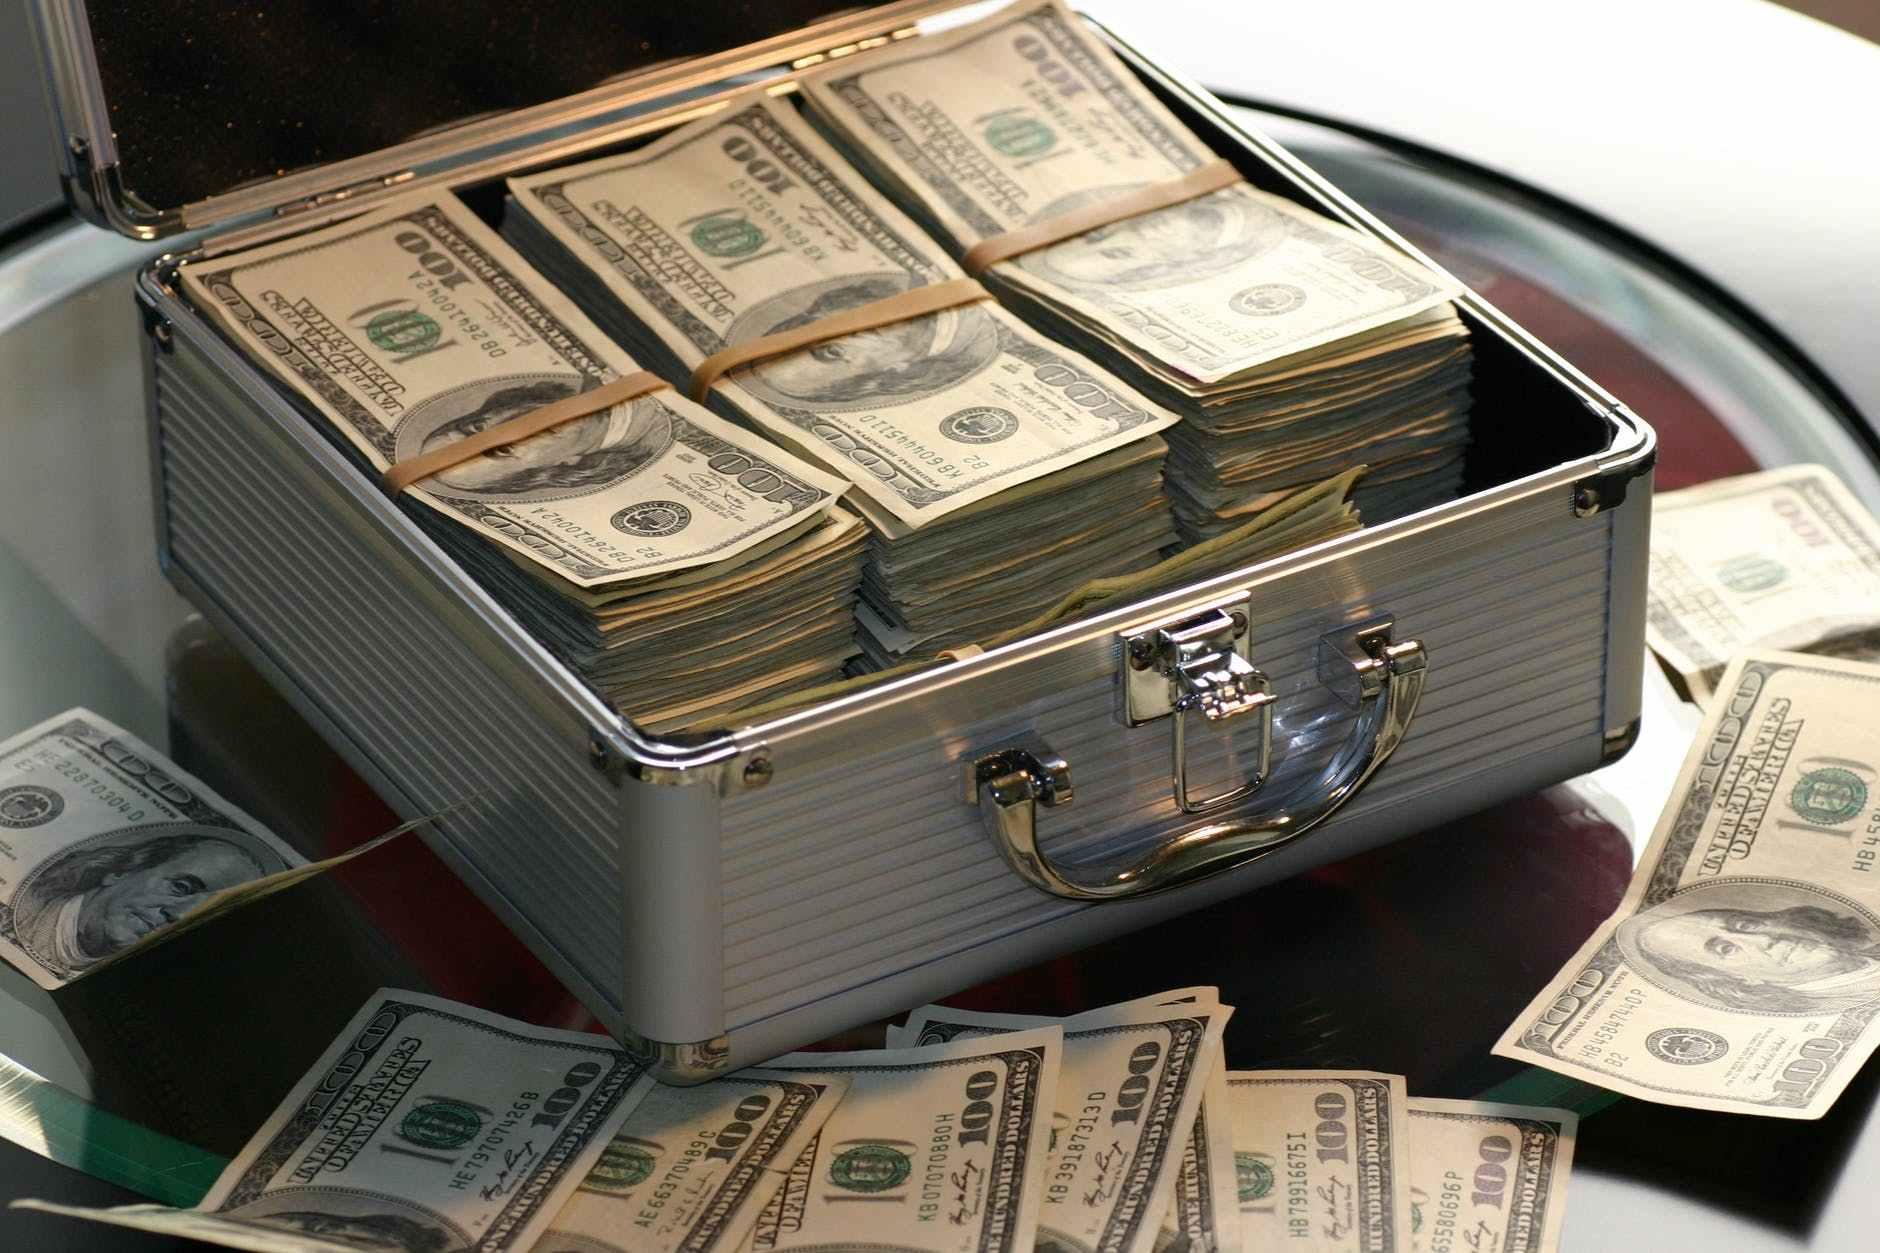 投资赚钱应该如何找到好项目 ,挣到人生的第一桶金呢?(图1)